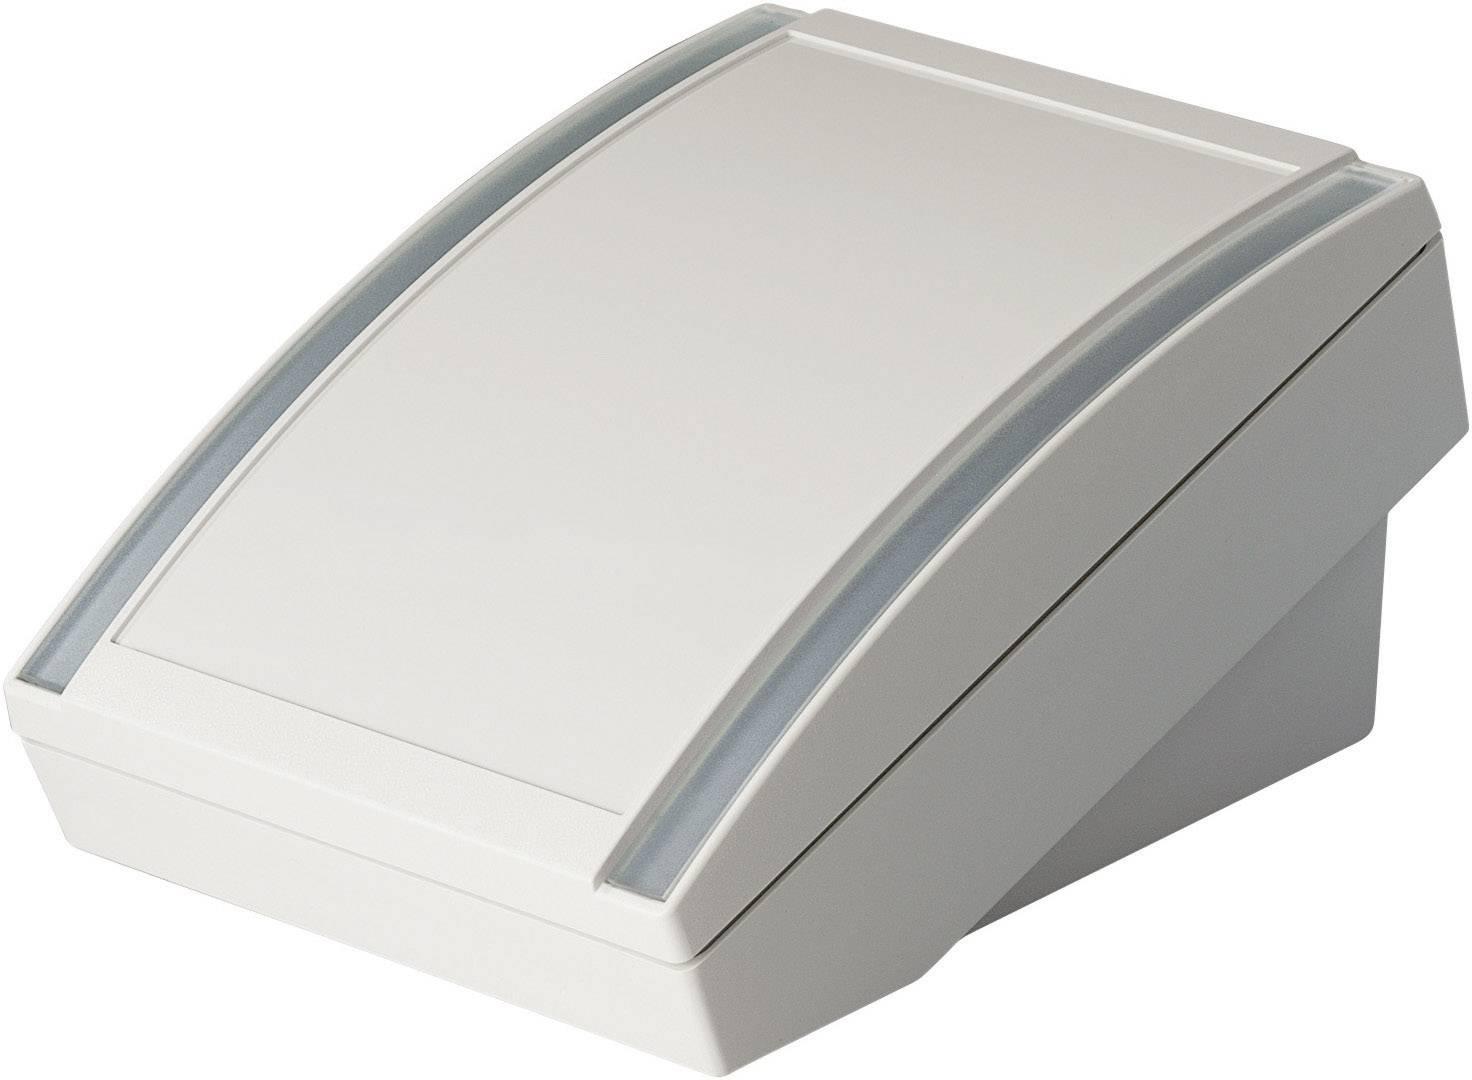 Skrinka na ovládací pult OKW DATEC S, 180 x 130 x 86 mm, ABS, sivobiela (RAL 9002), 1 ks